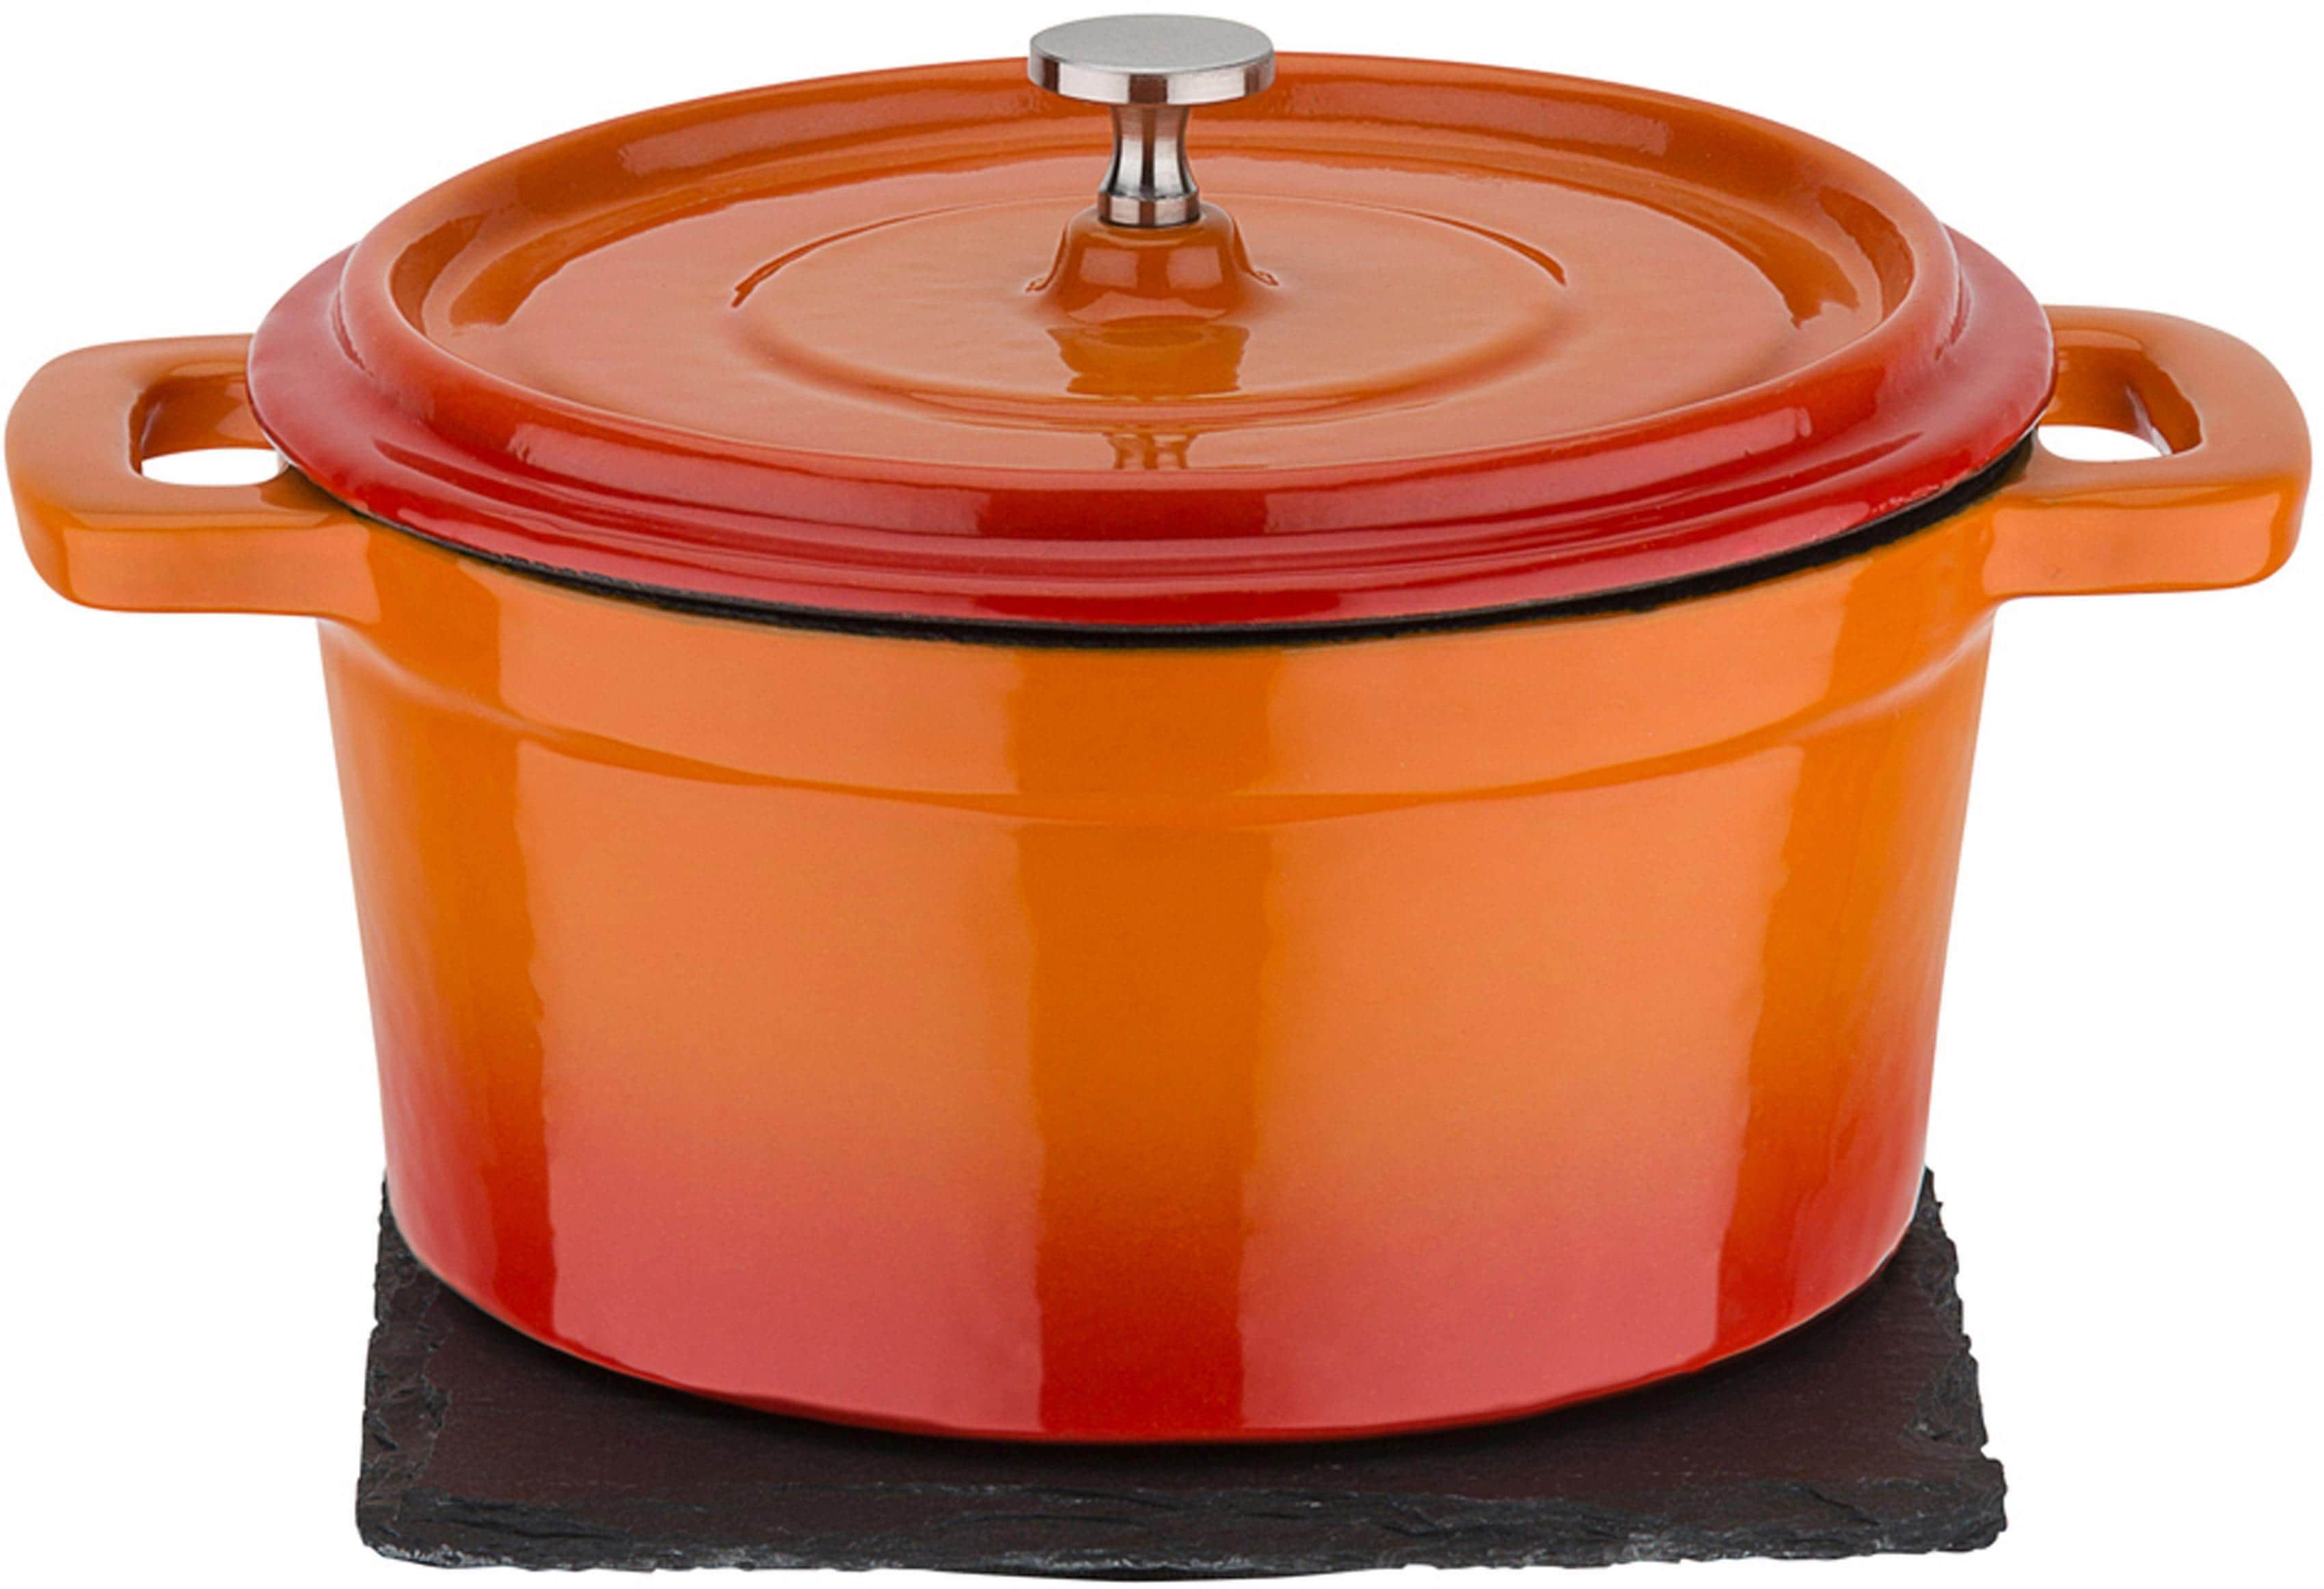 GSW Serviertopf Orange Shadow, Gusseisen, (1 tlg.), Induktion orange Schmortöpfe Töpfe Haushaltswaren